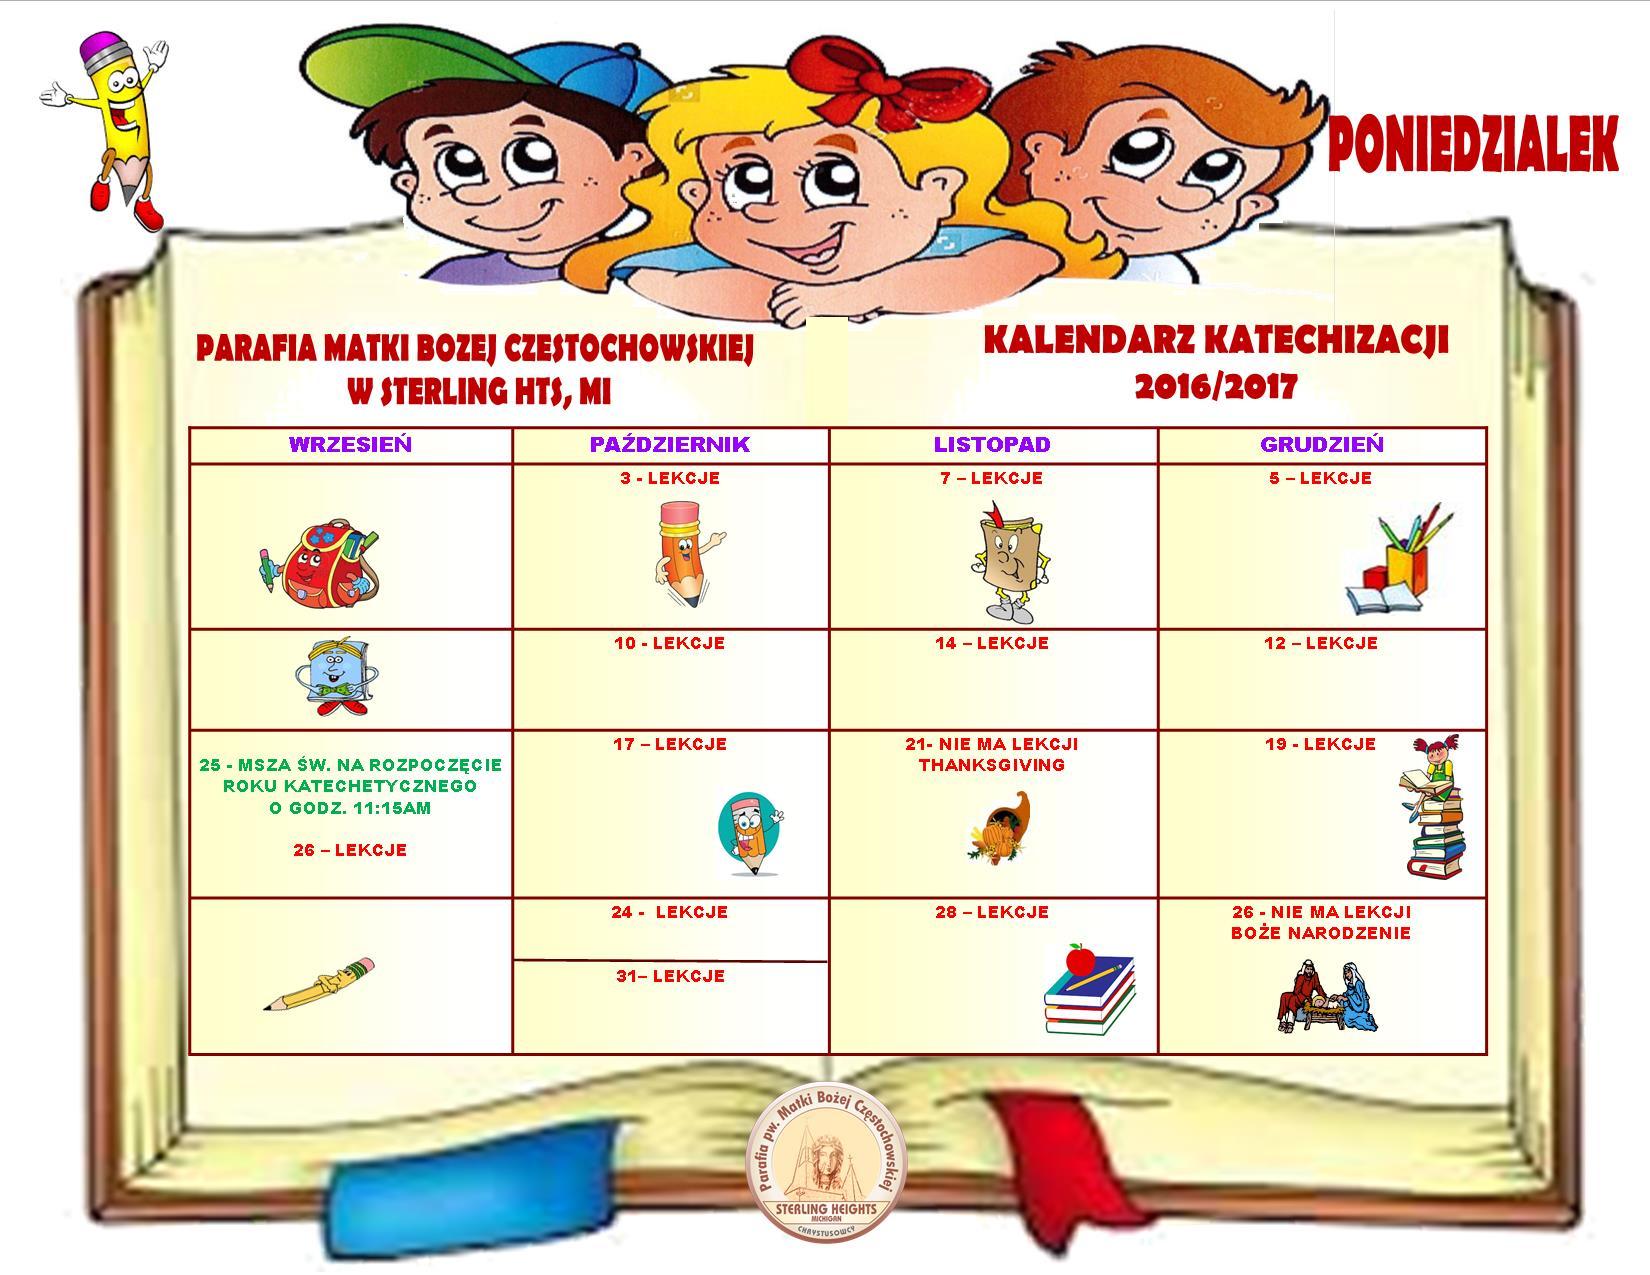 kalendarz-poniedzialek-1